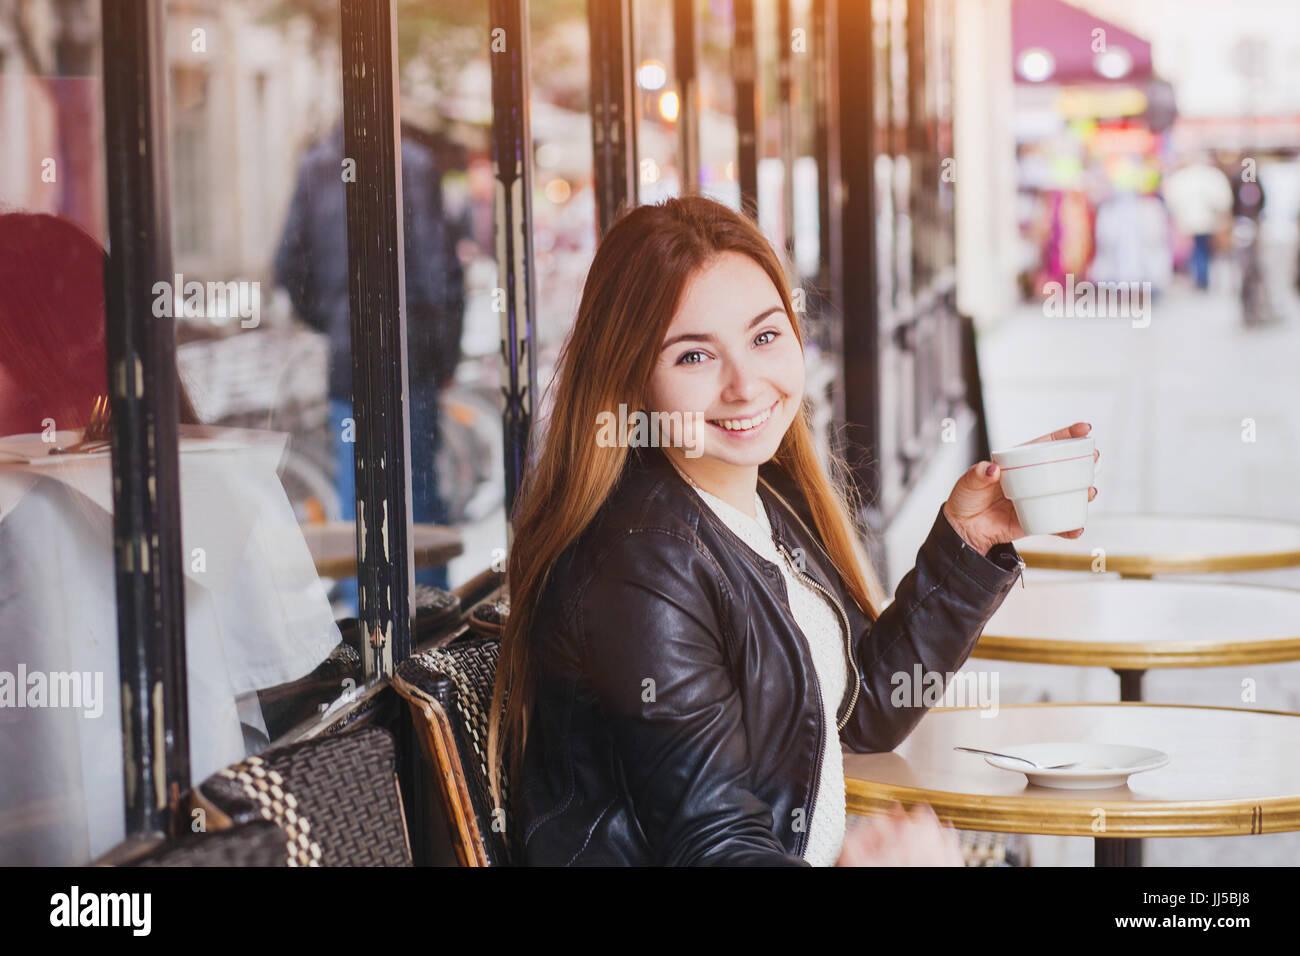 Feliz mujer sonriente bebiendo café en la cafetería de la calle y mirando a la cámara, buen humor. Imagen De Stock